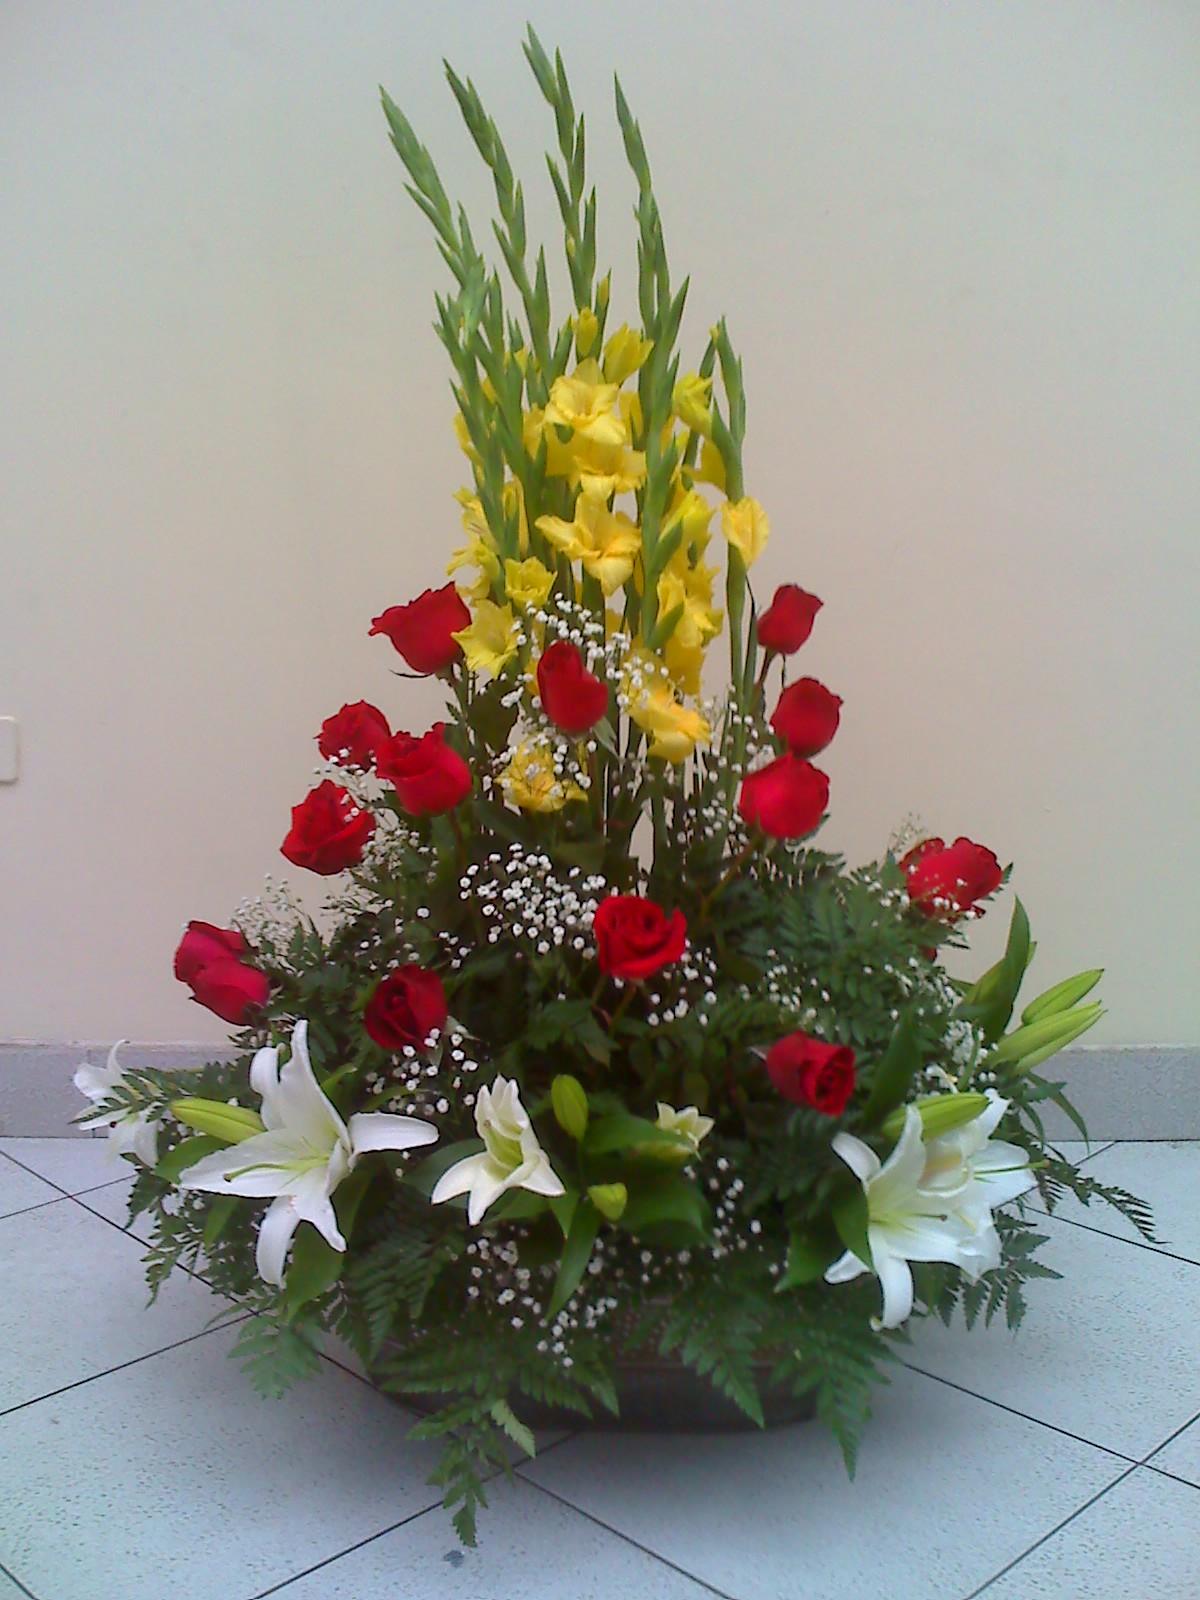 Ramos Grandes De Flores #2: 08-11-09_0958.jpg